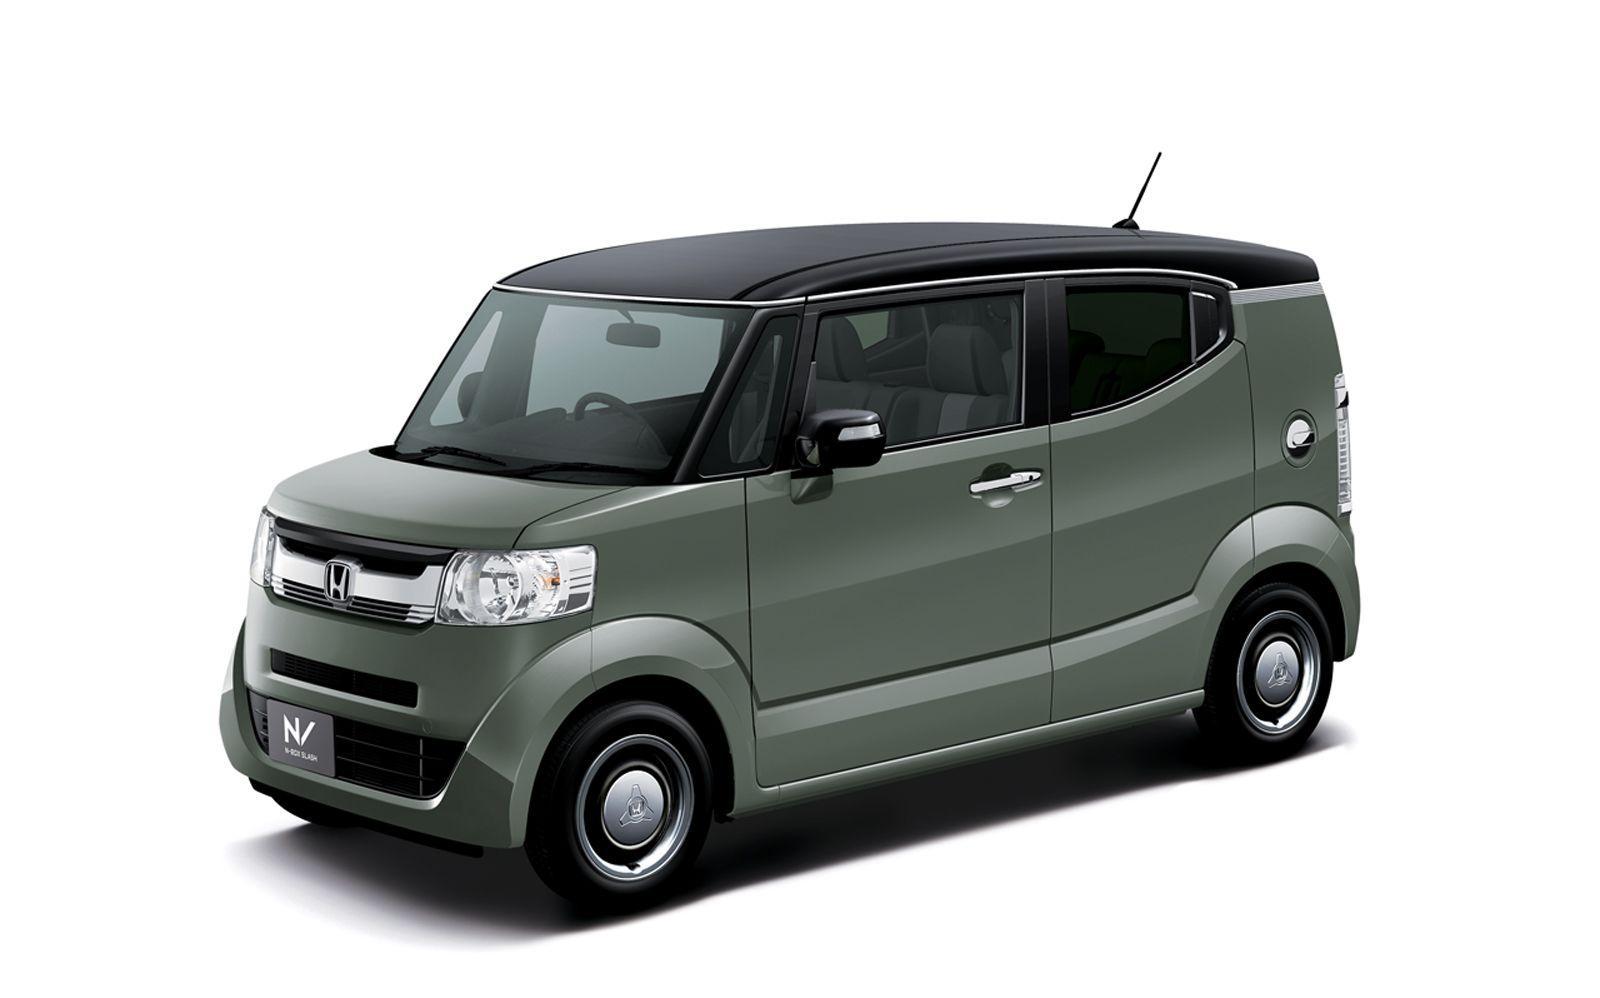 Хонда представила грузовой кей-кар N-VAN